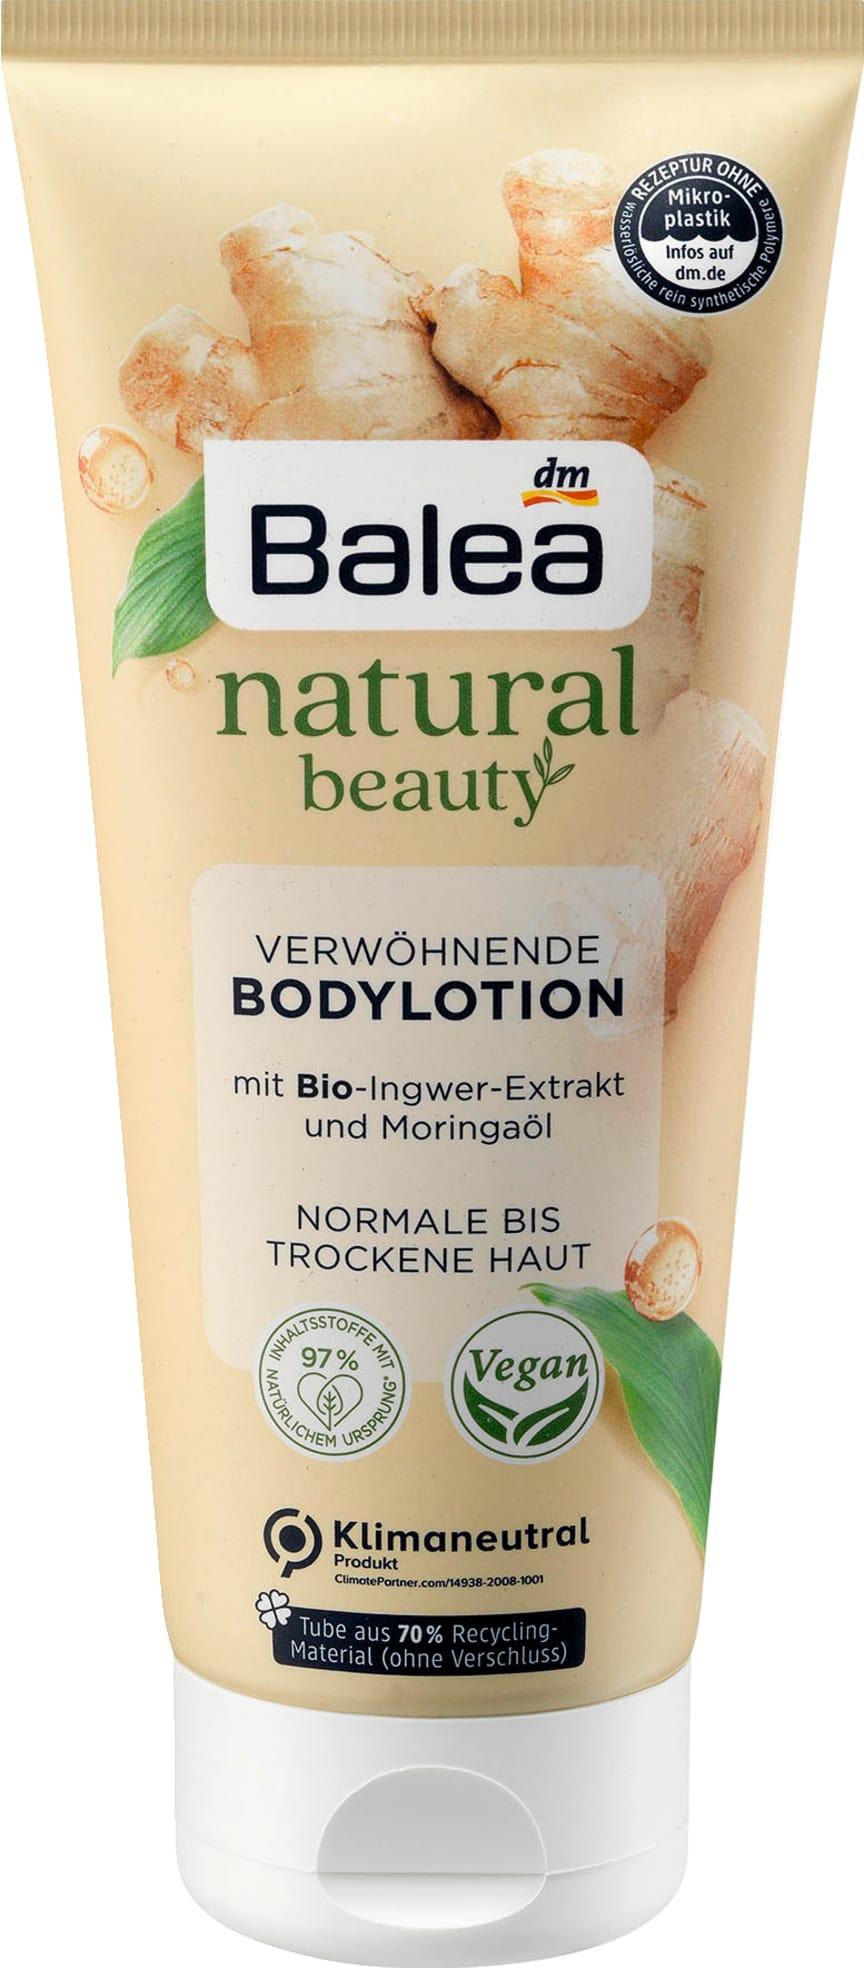 Balea Bodylotion natural beauty